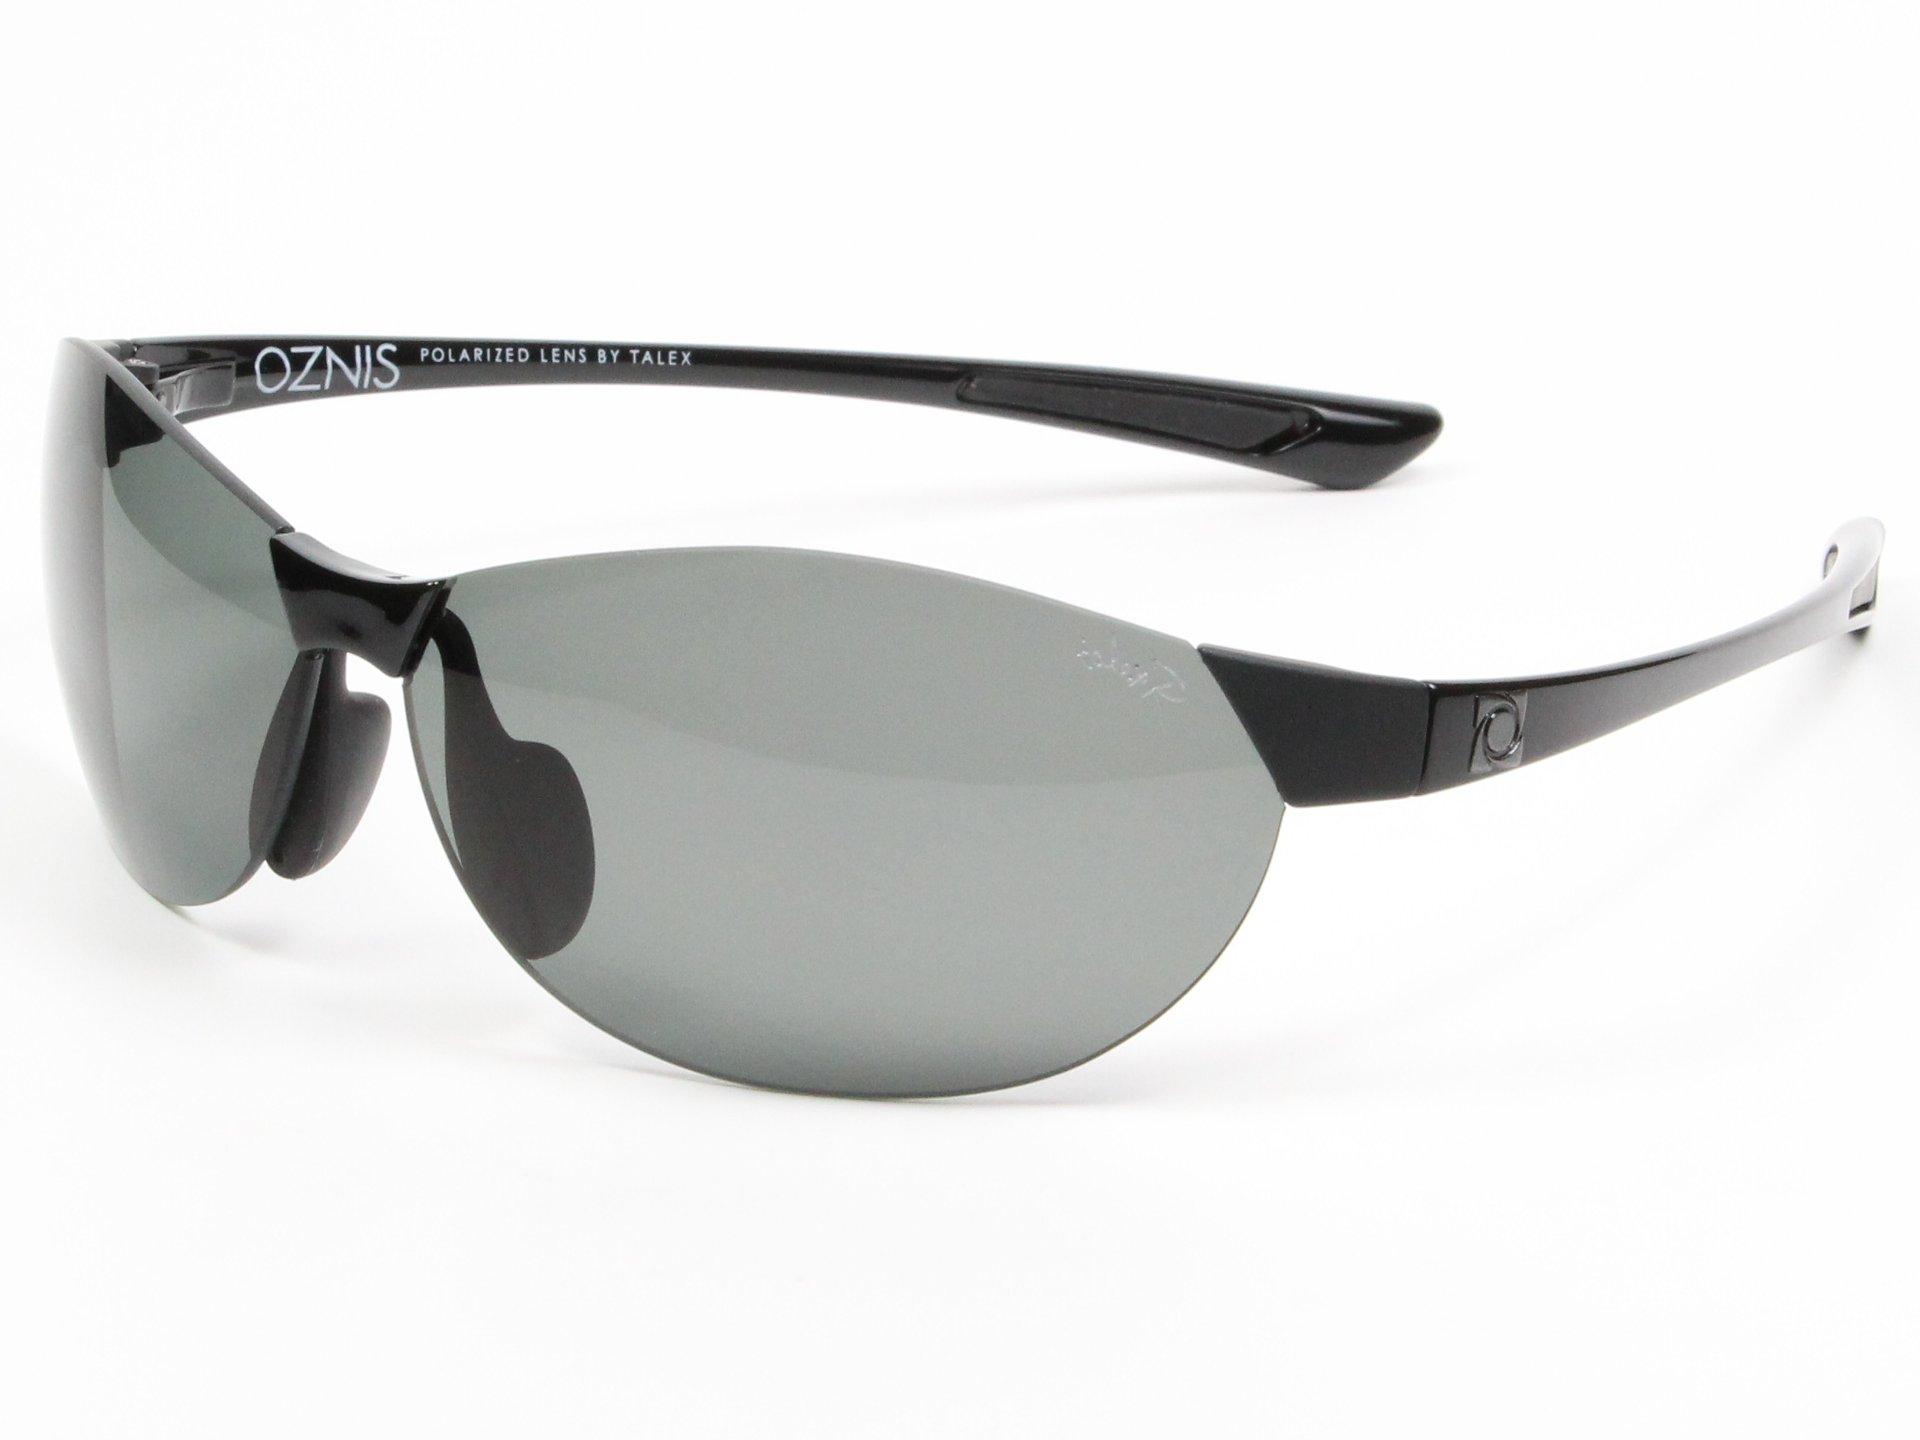 TALEX(タレックス)度なしサングラス製作例 OZNIS FLAT10(オズニス・フラット10)